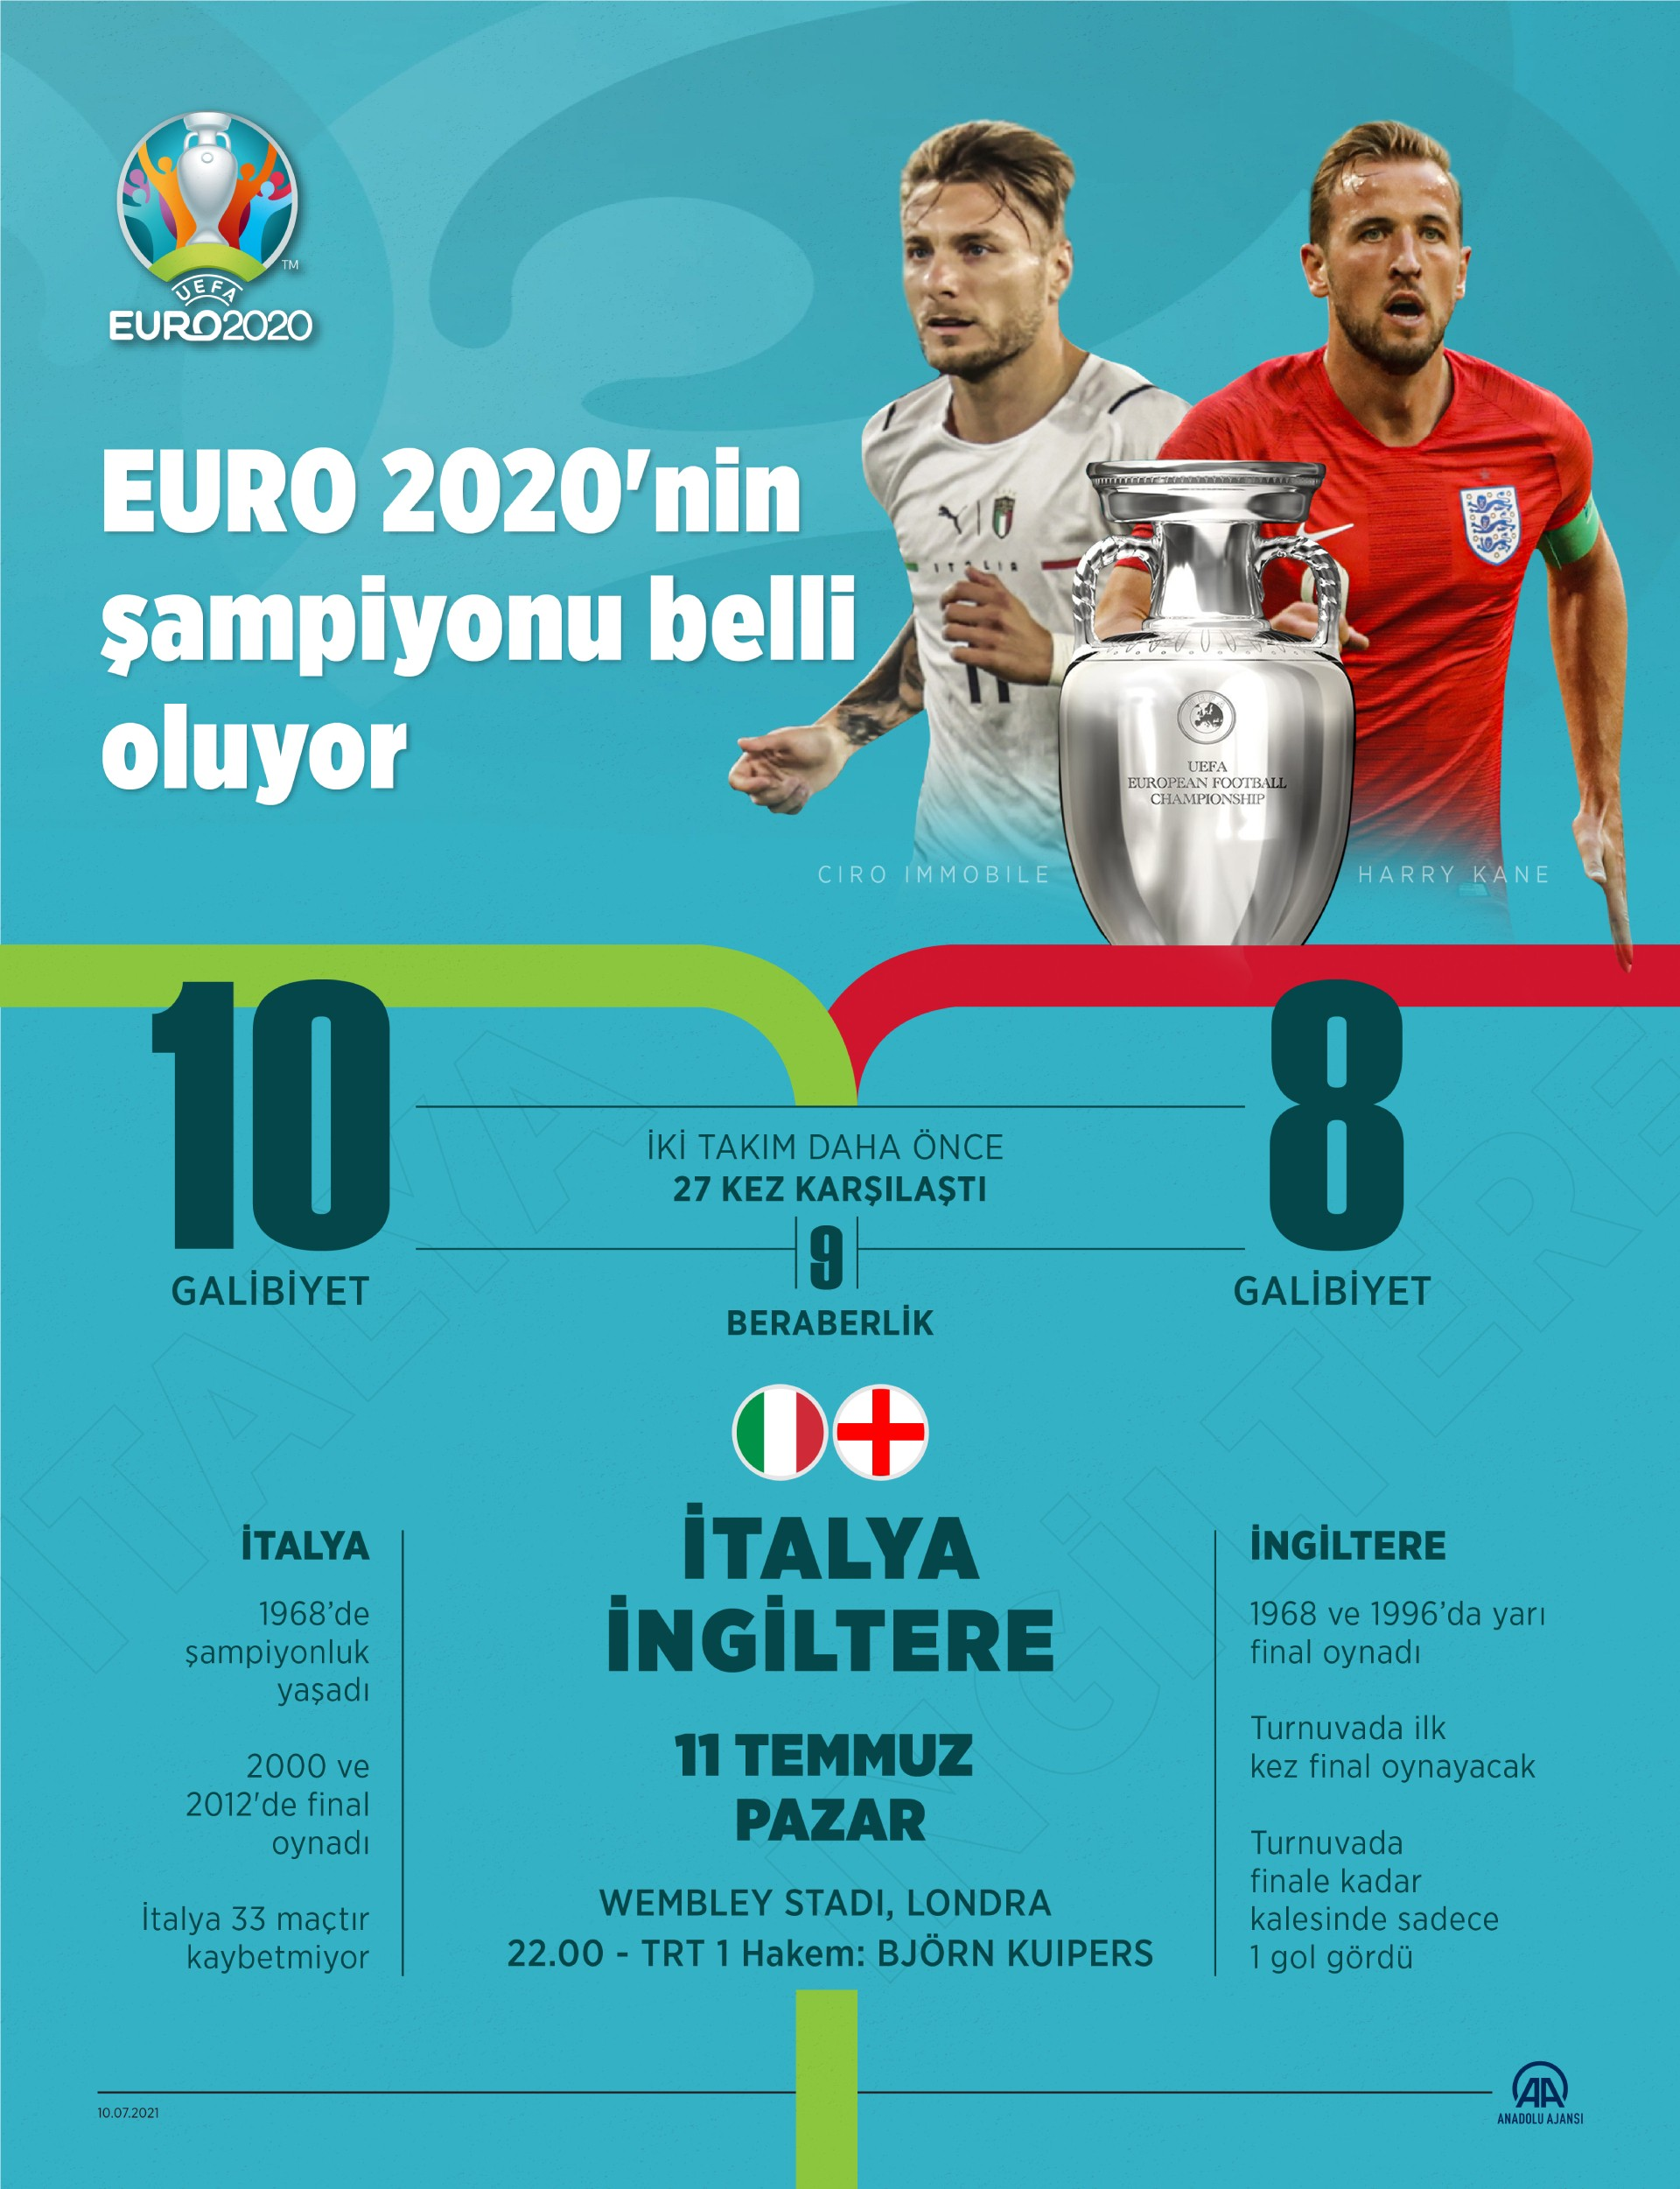 Euro 2020 finali için AA'nın hazırladığı görsel.